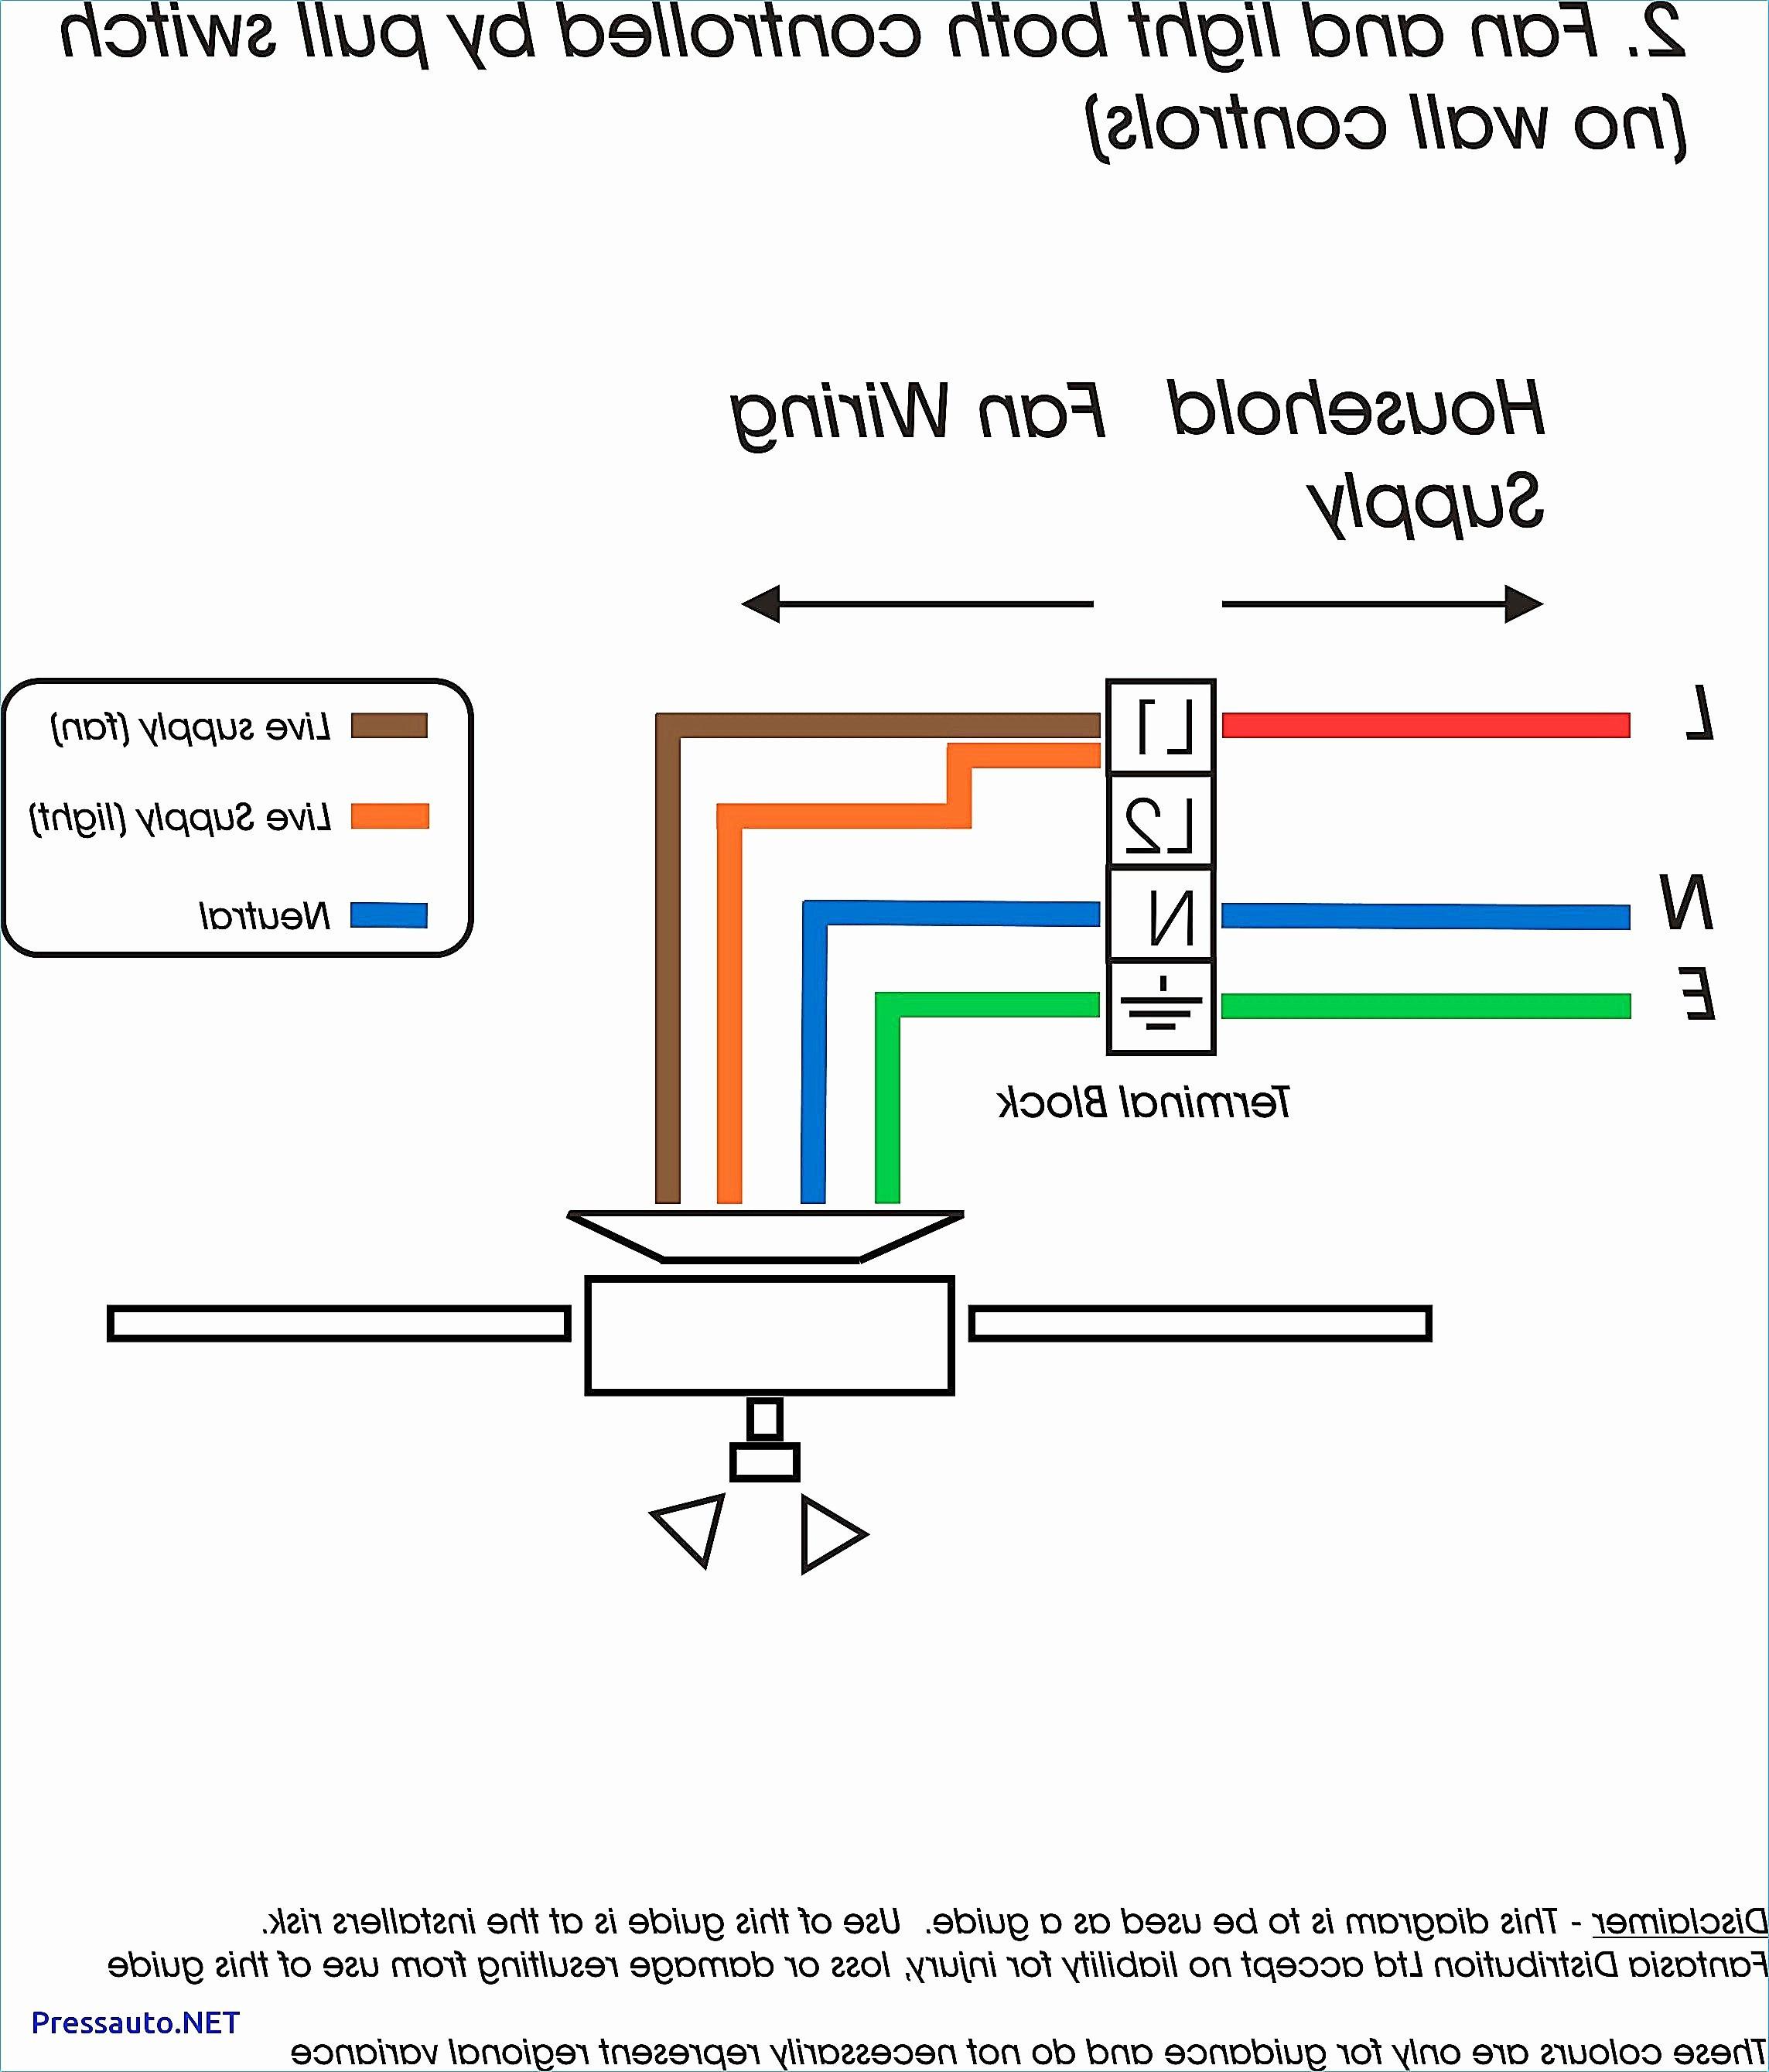 Bose Amp Wiring Diagram New Wiring Diagram Bose Amp Refrence Best - Bose Amp Wiring Diagram